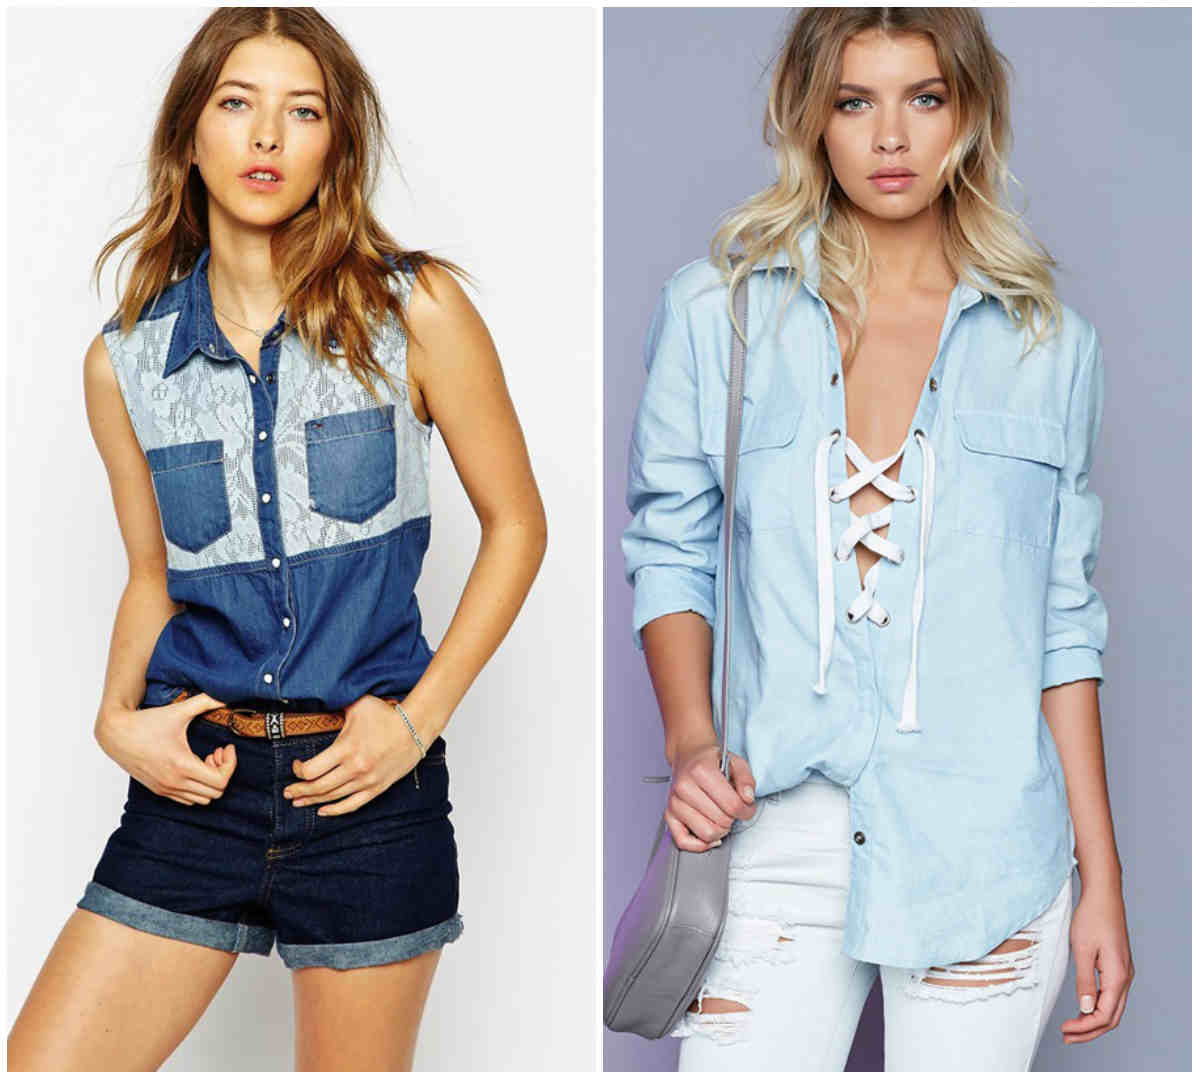 Модные рубашки 2018 года, модные тренды и тенденции для модниц